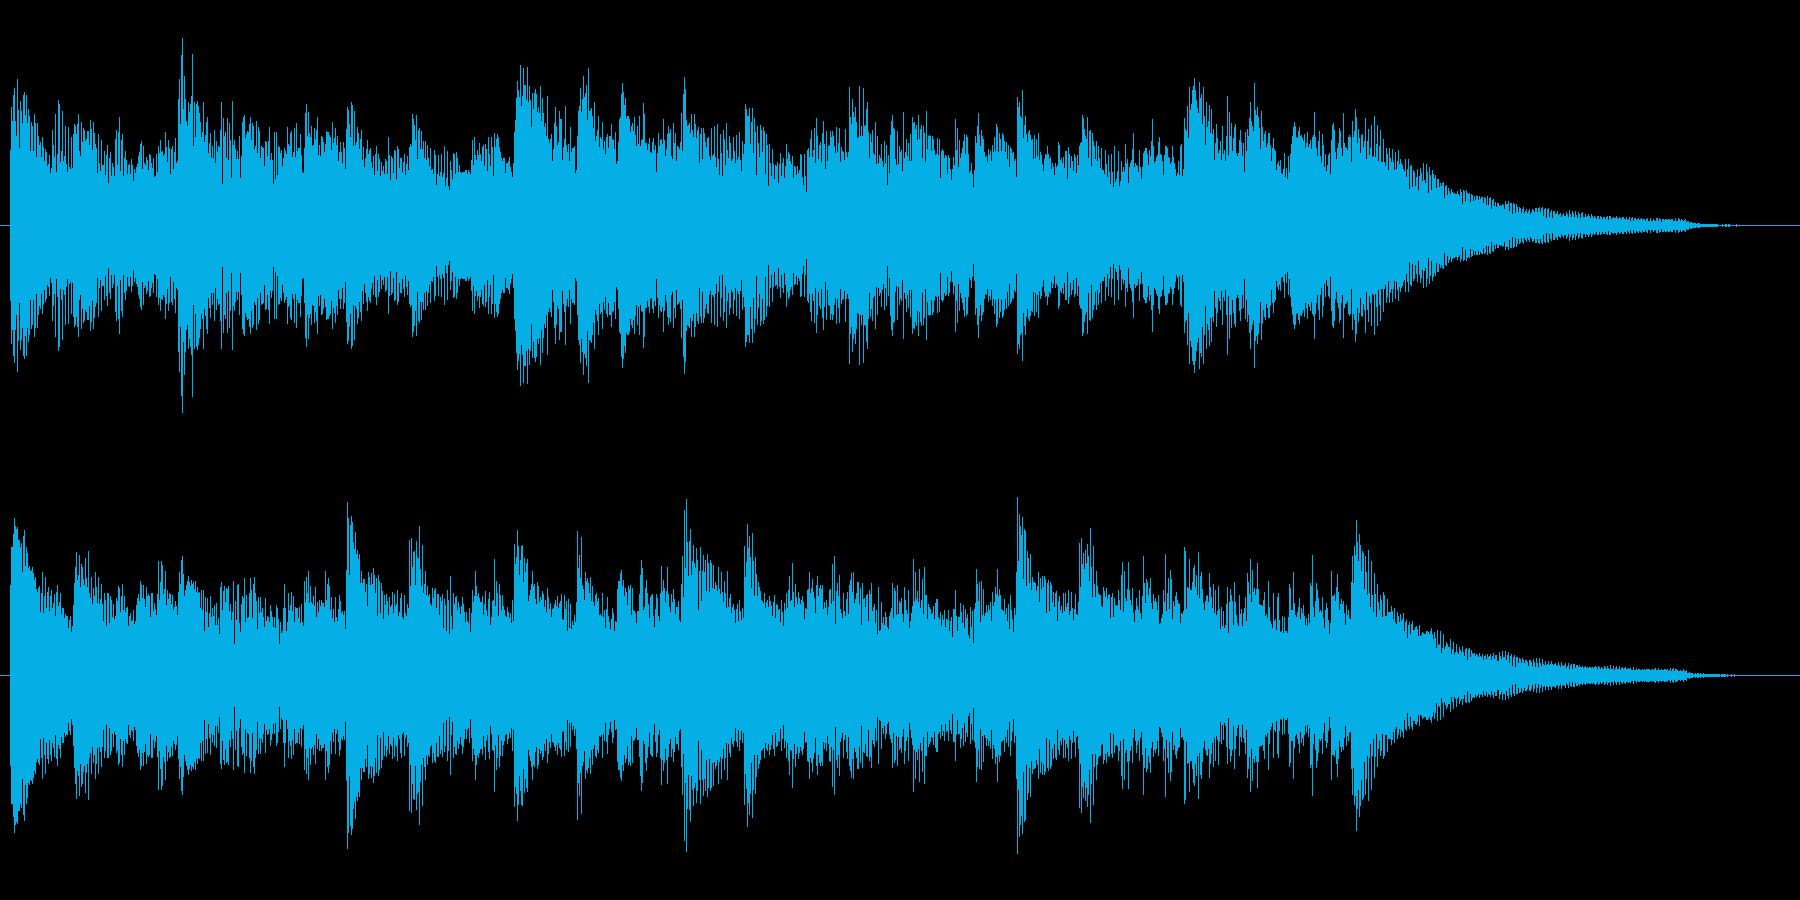 明るく希望を感じるピアノジングル 15秒の再生済みの波形